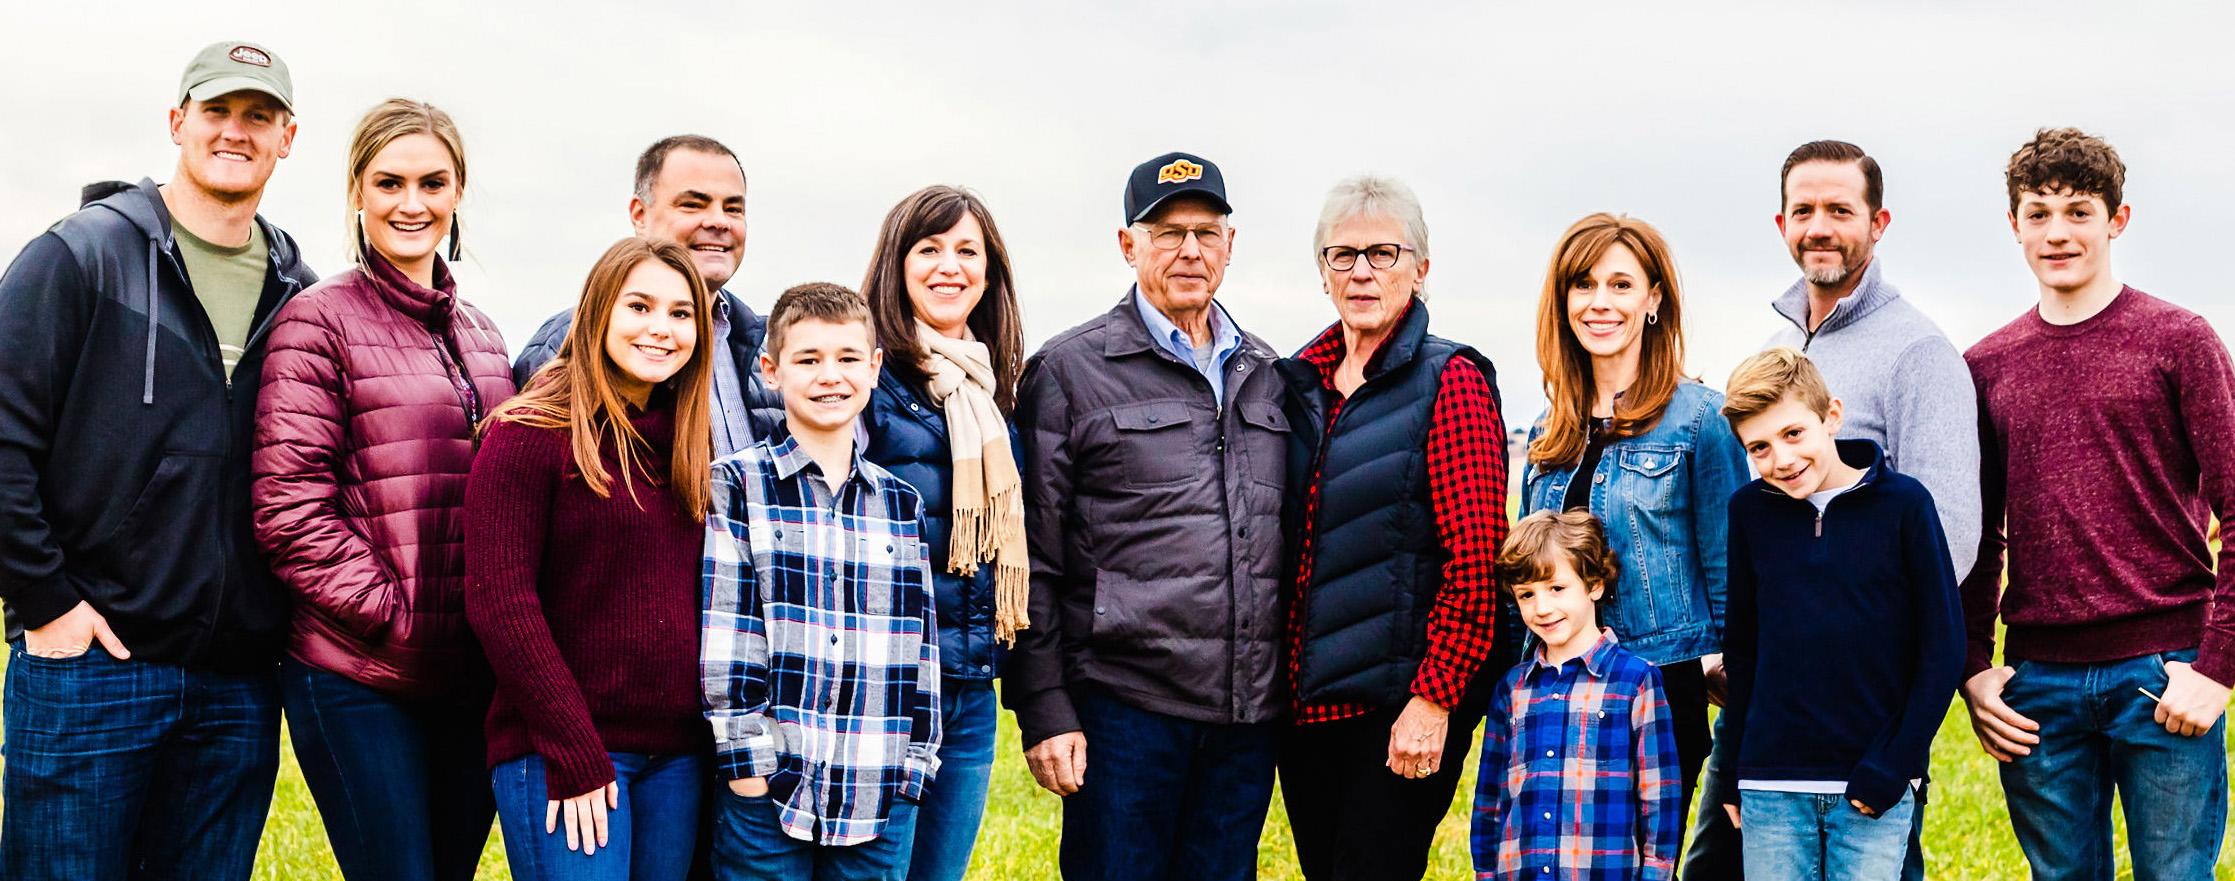 John's Farm Oklahoma Family Farm LLC